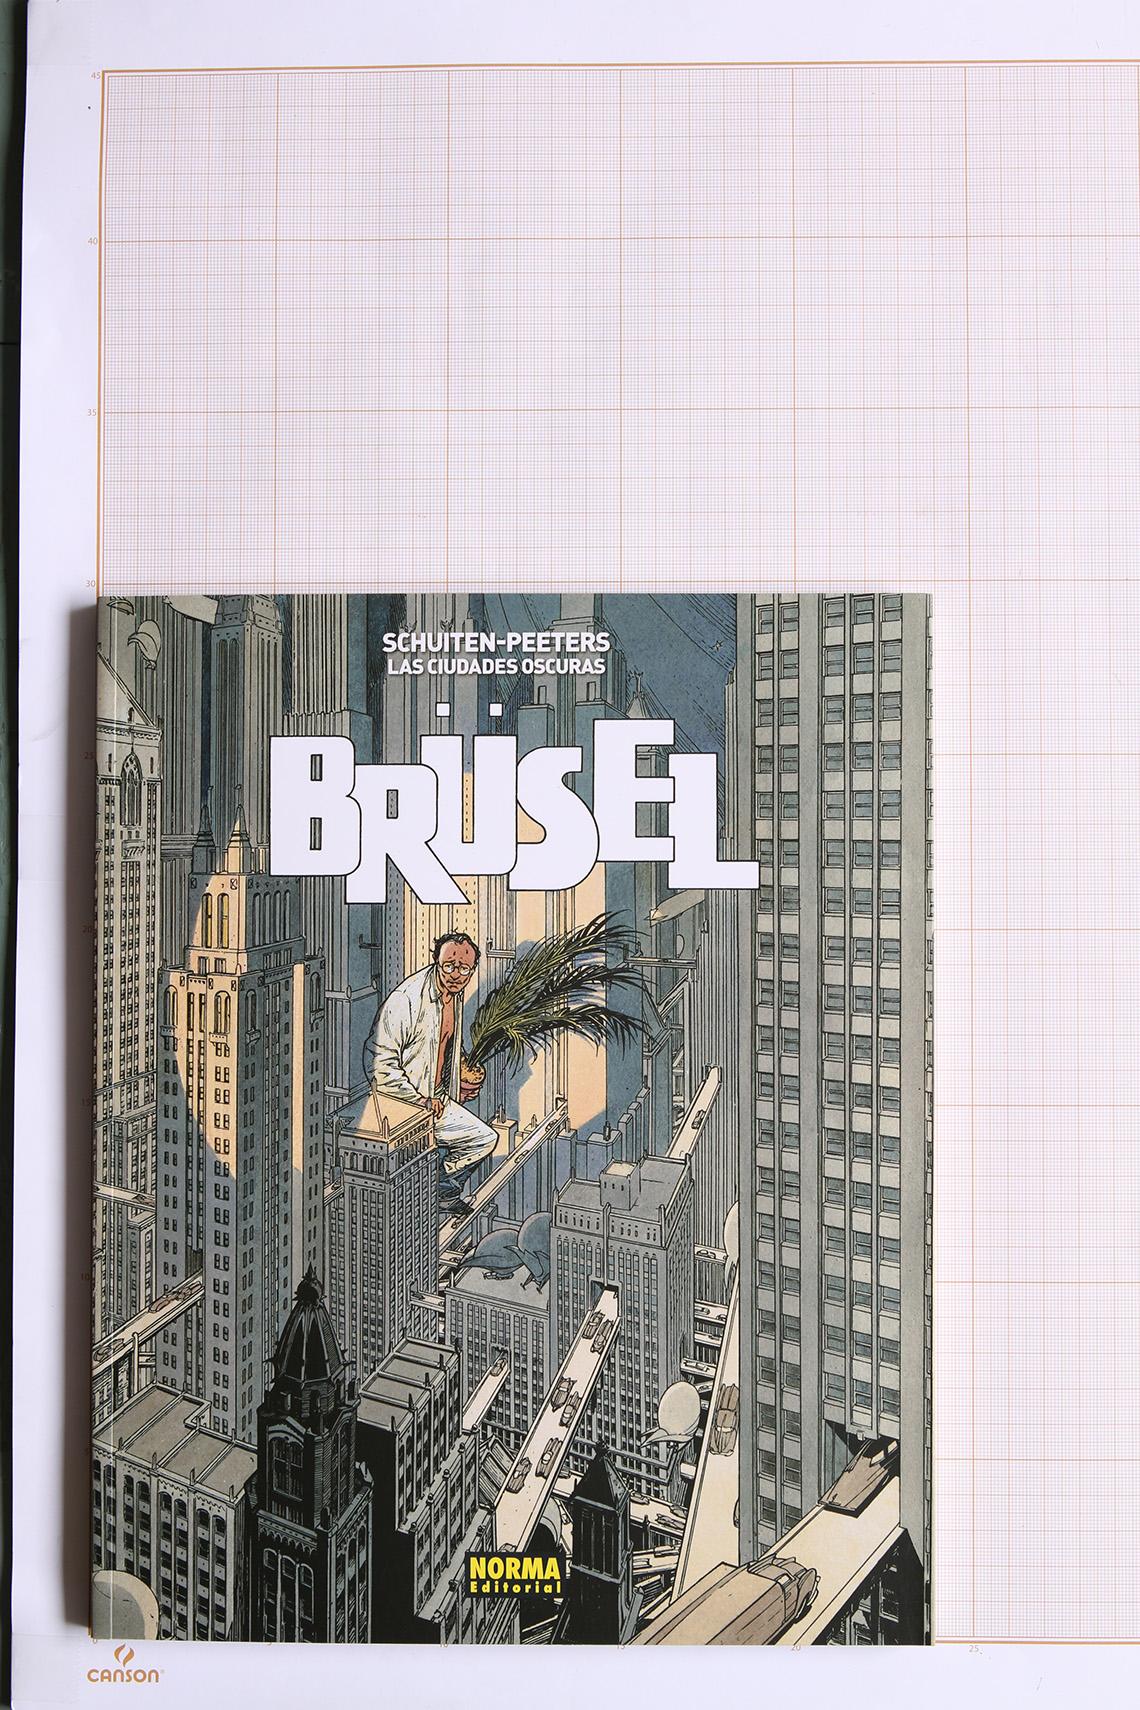 Brüsel, F.Schuiten & B.Peeters - Norma Editorial© Maison Autrique, 2015